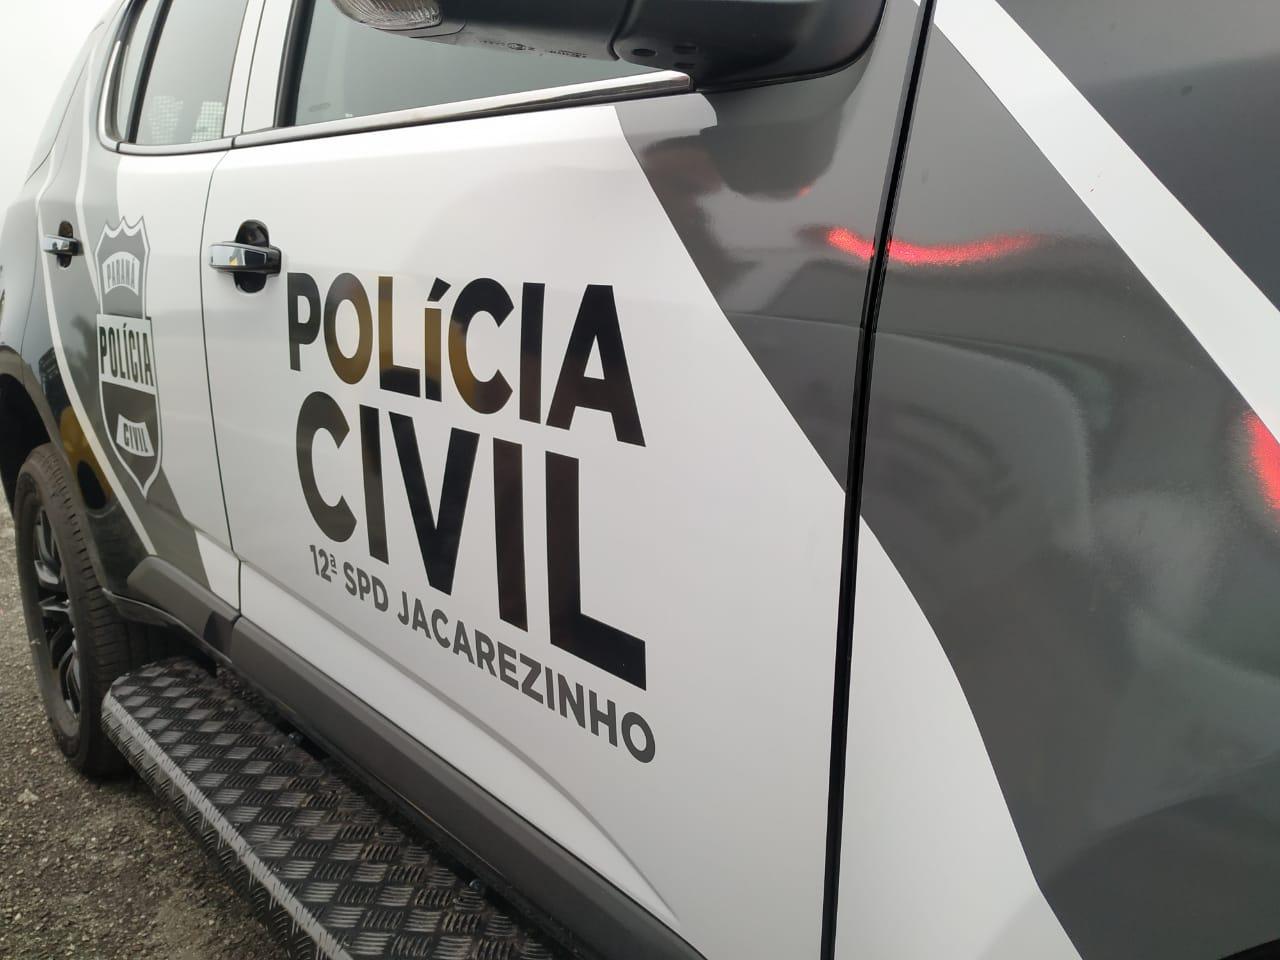 Nova viatura para a Polícia Civil de Jacarezinho